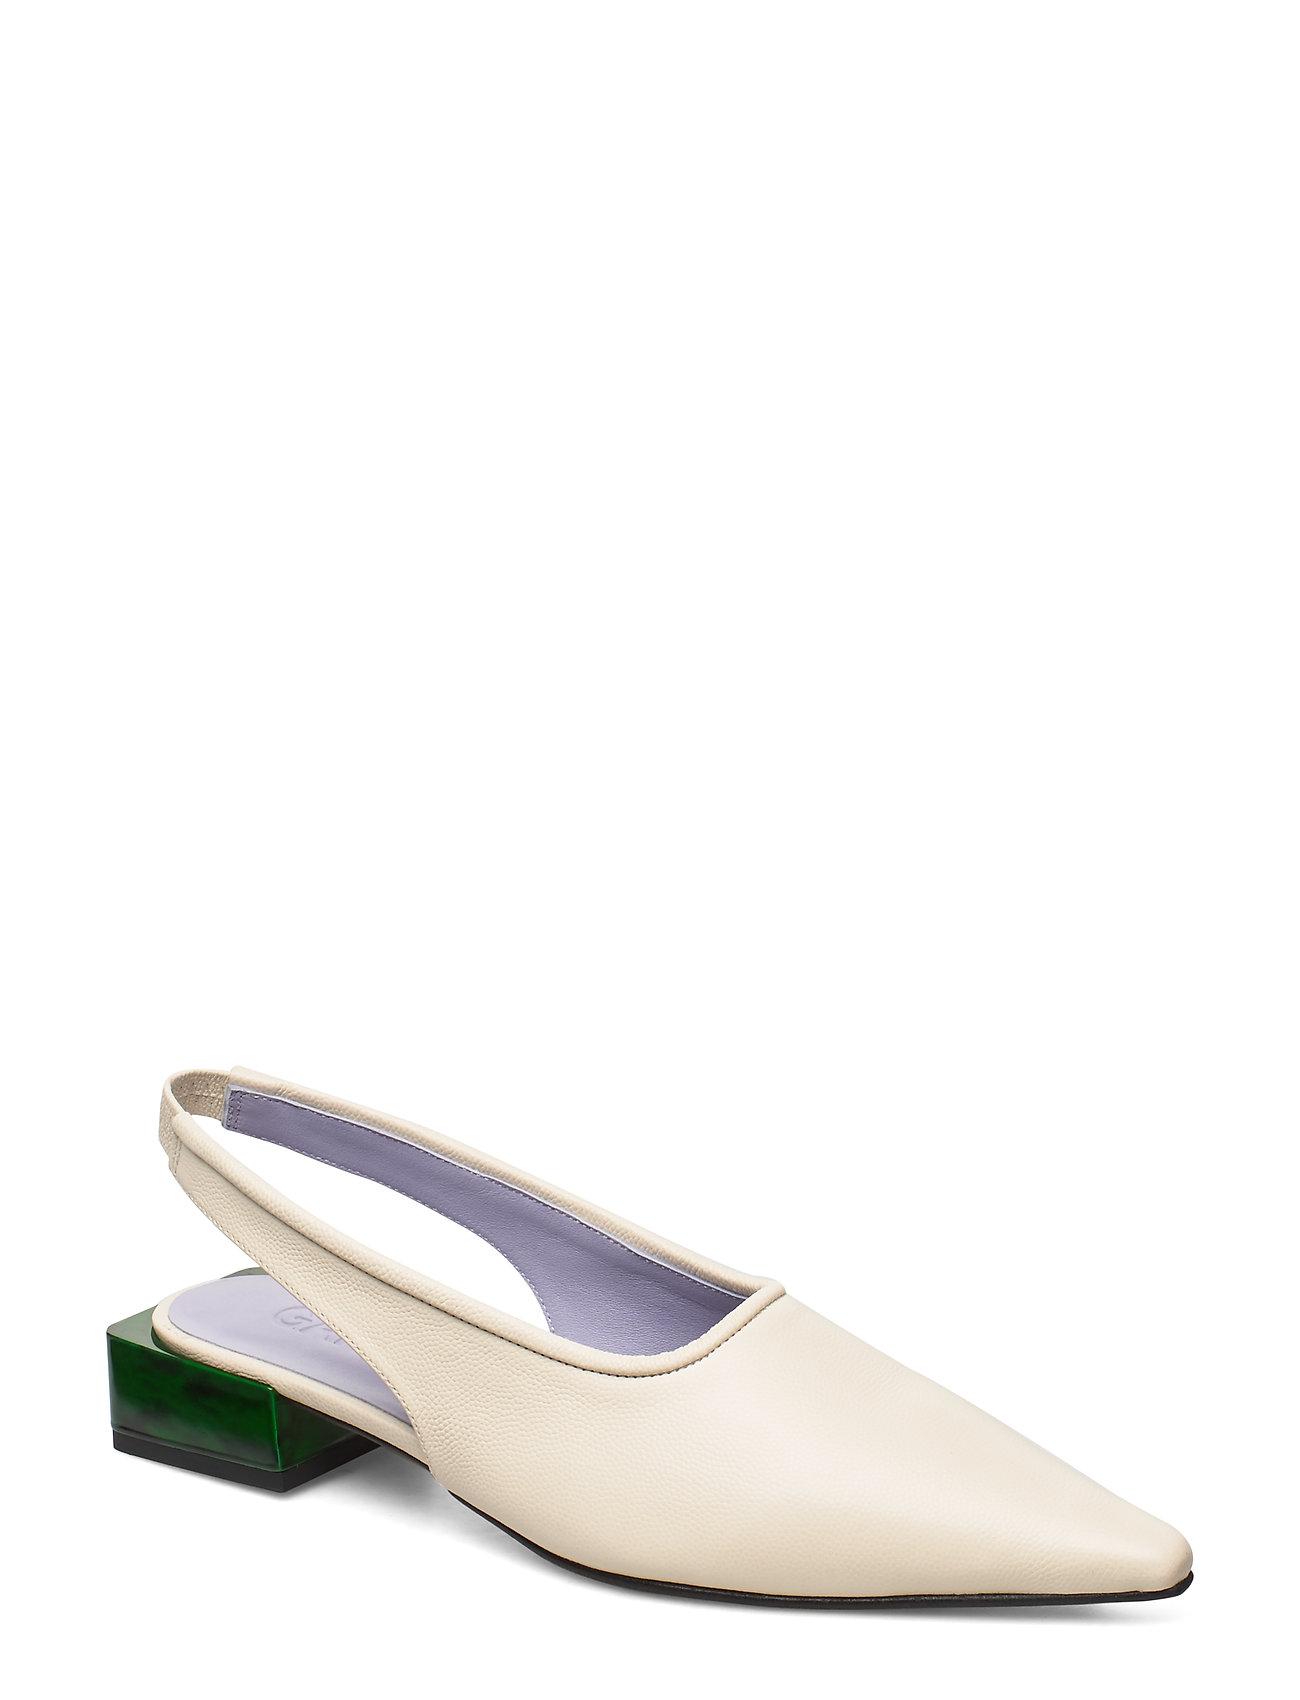 Image of Low Heel Shoes Heels Pumps Sling Backs Hvid Ganni (3288857671)